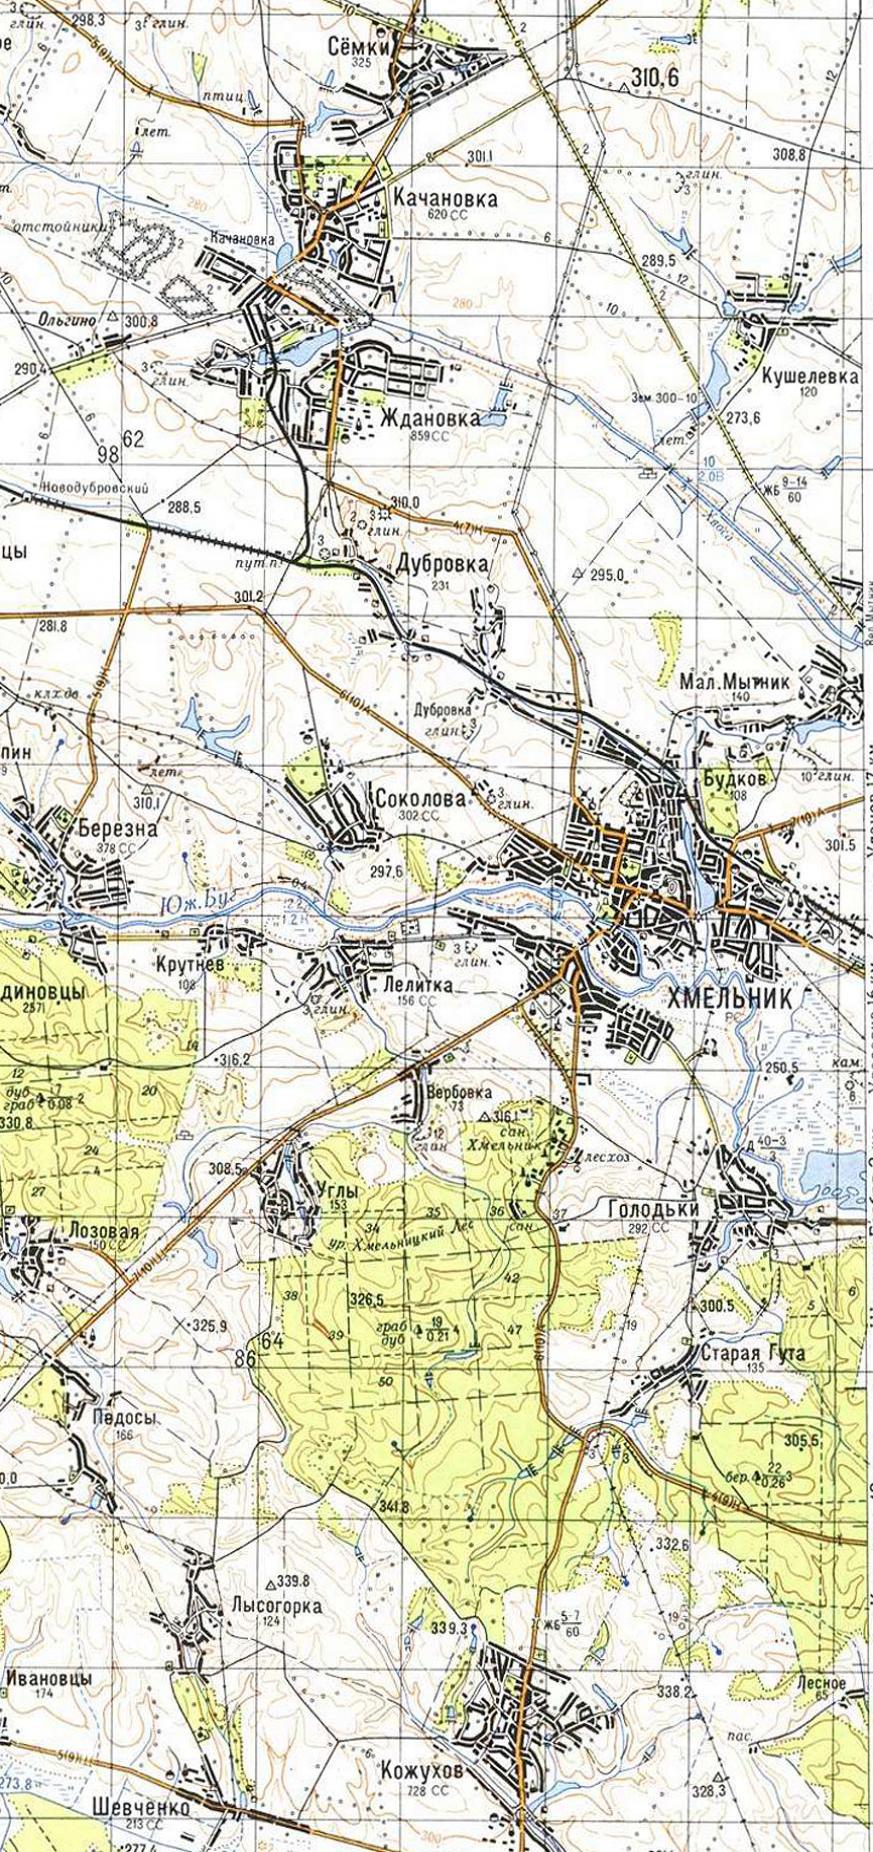 Карта города Хмельник